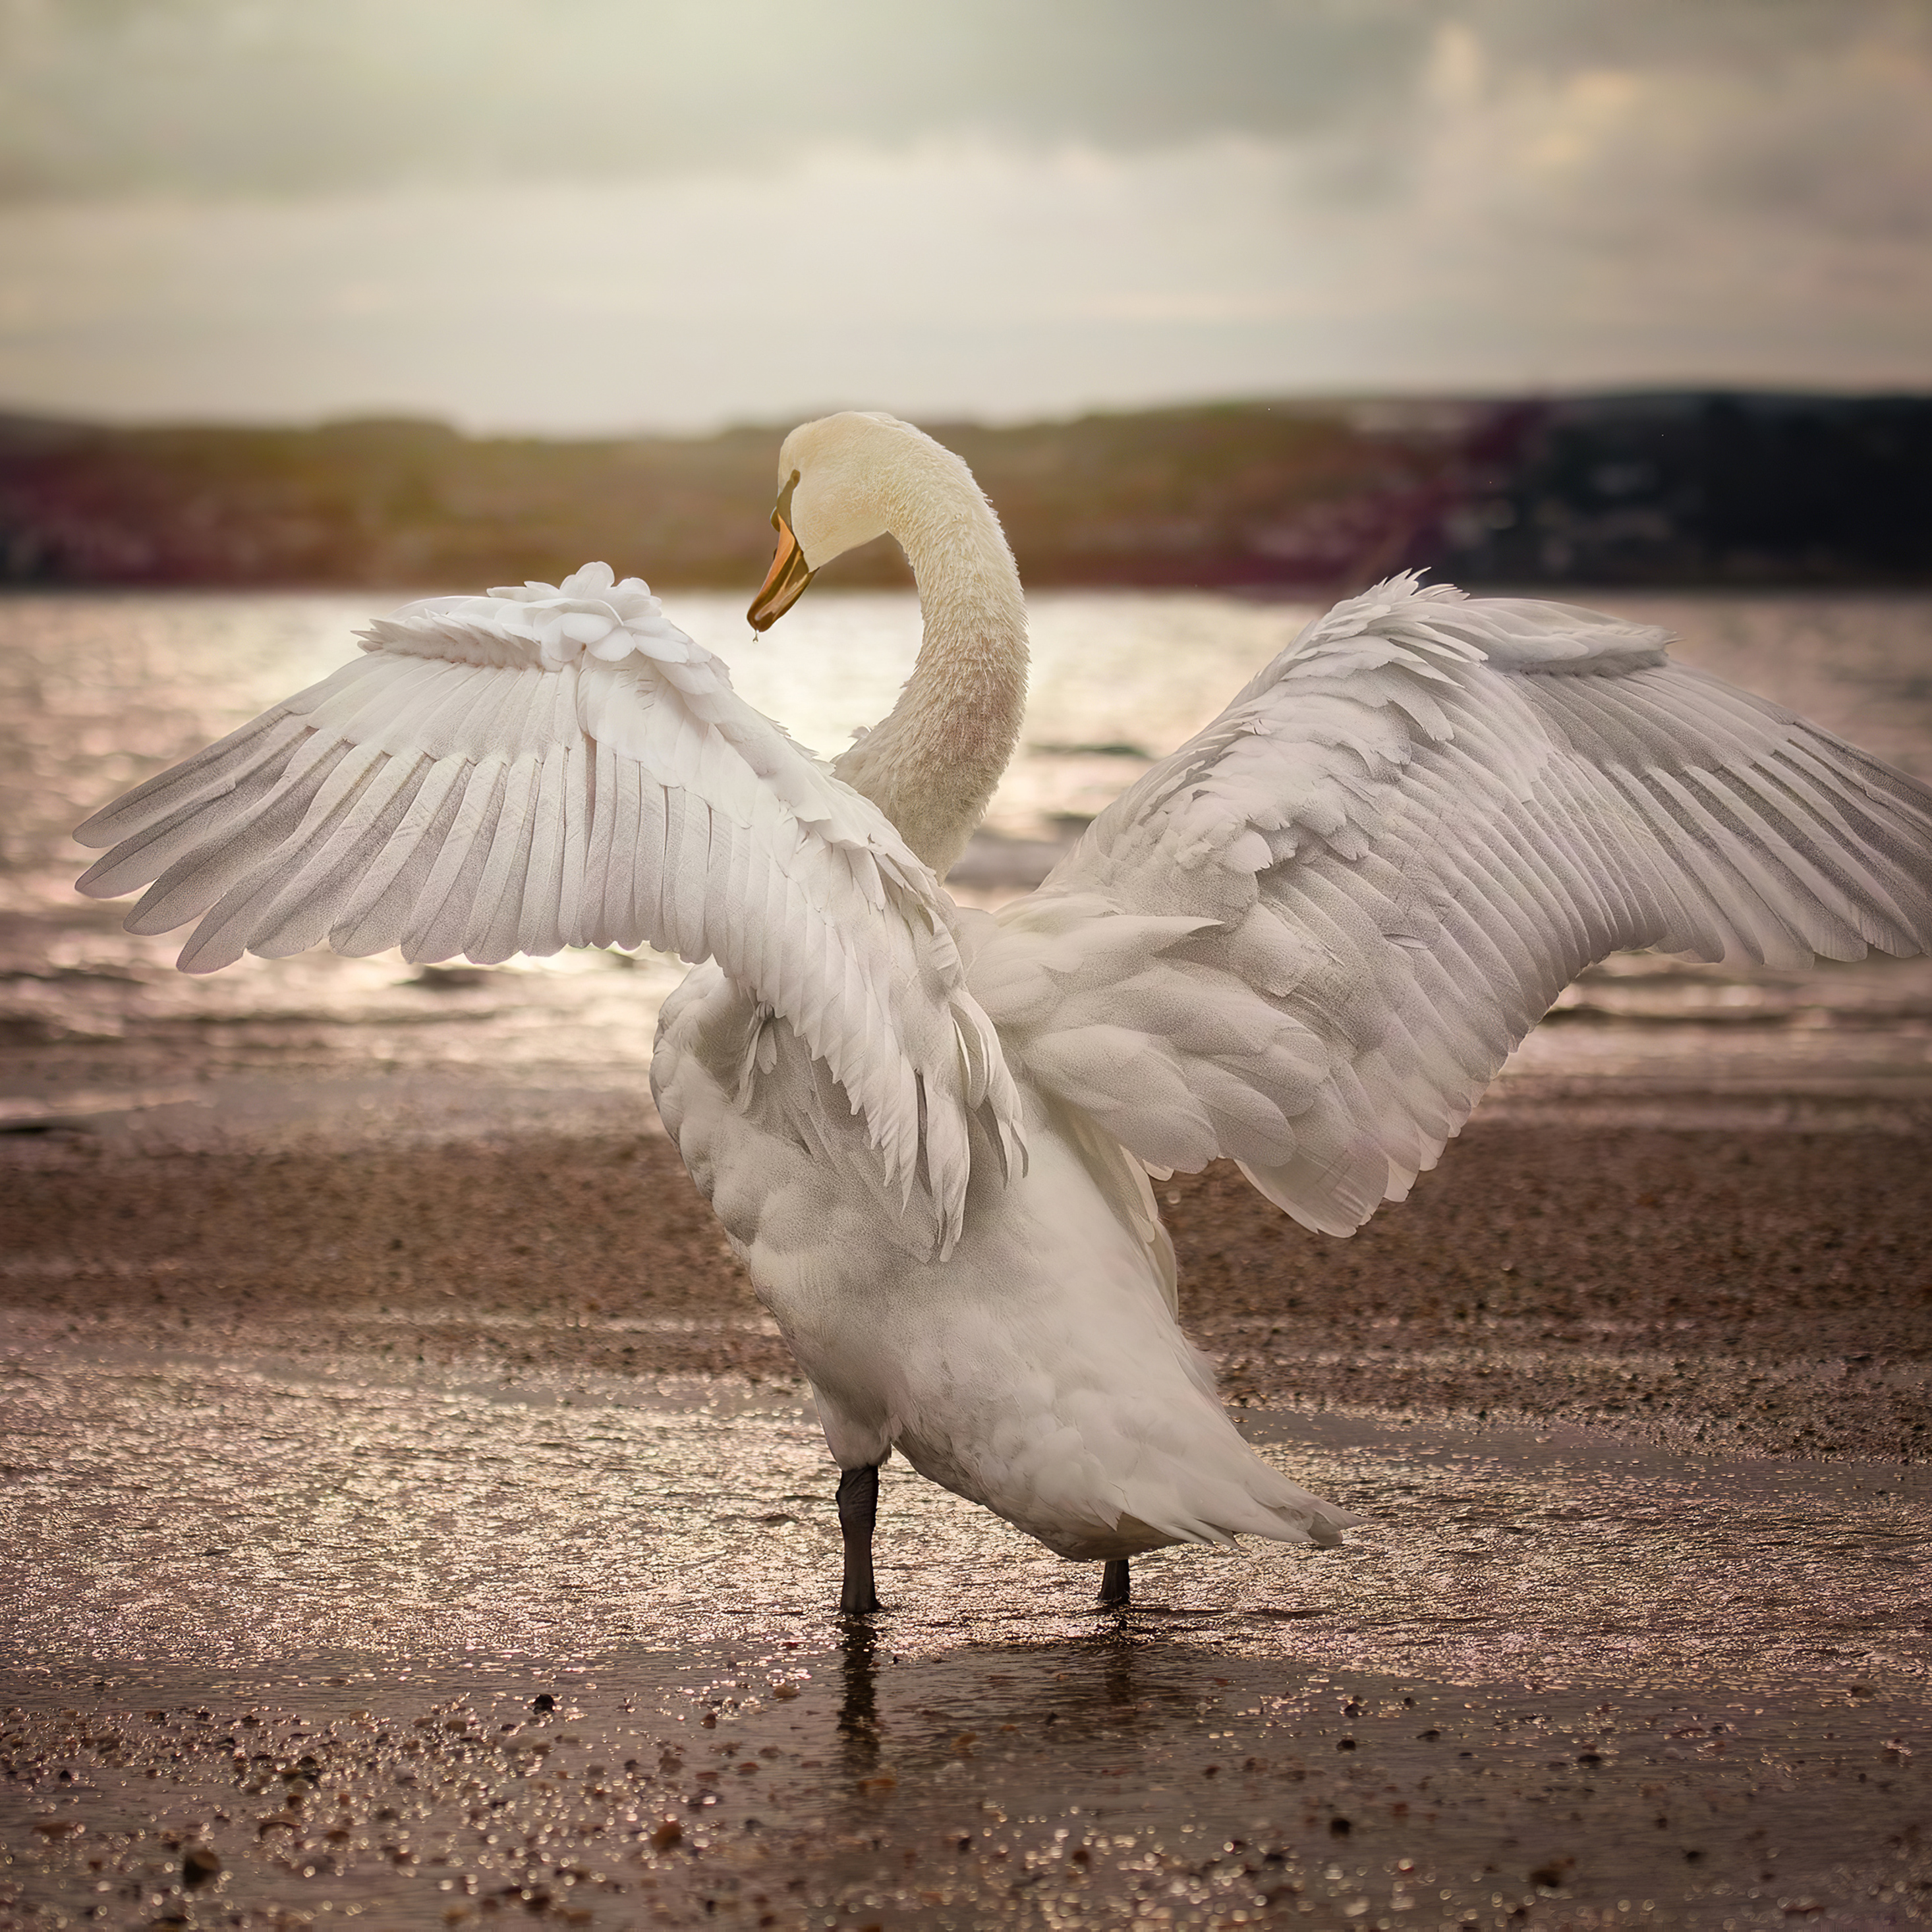 swan-opening-wings-4k-kw.jpg